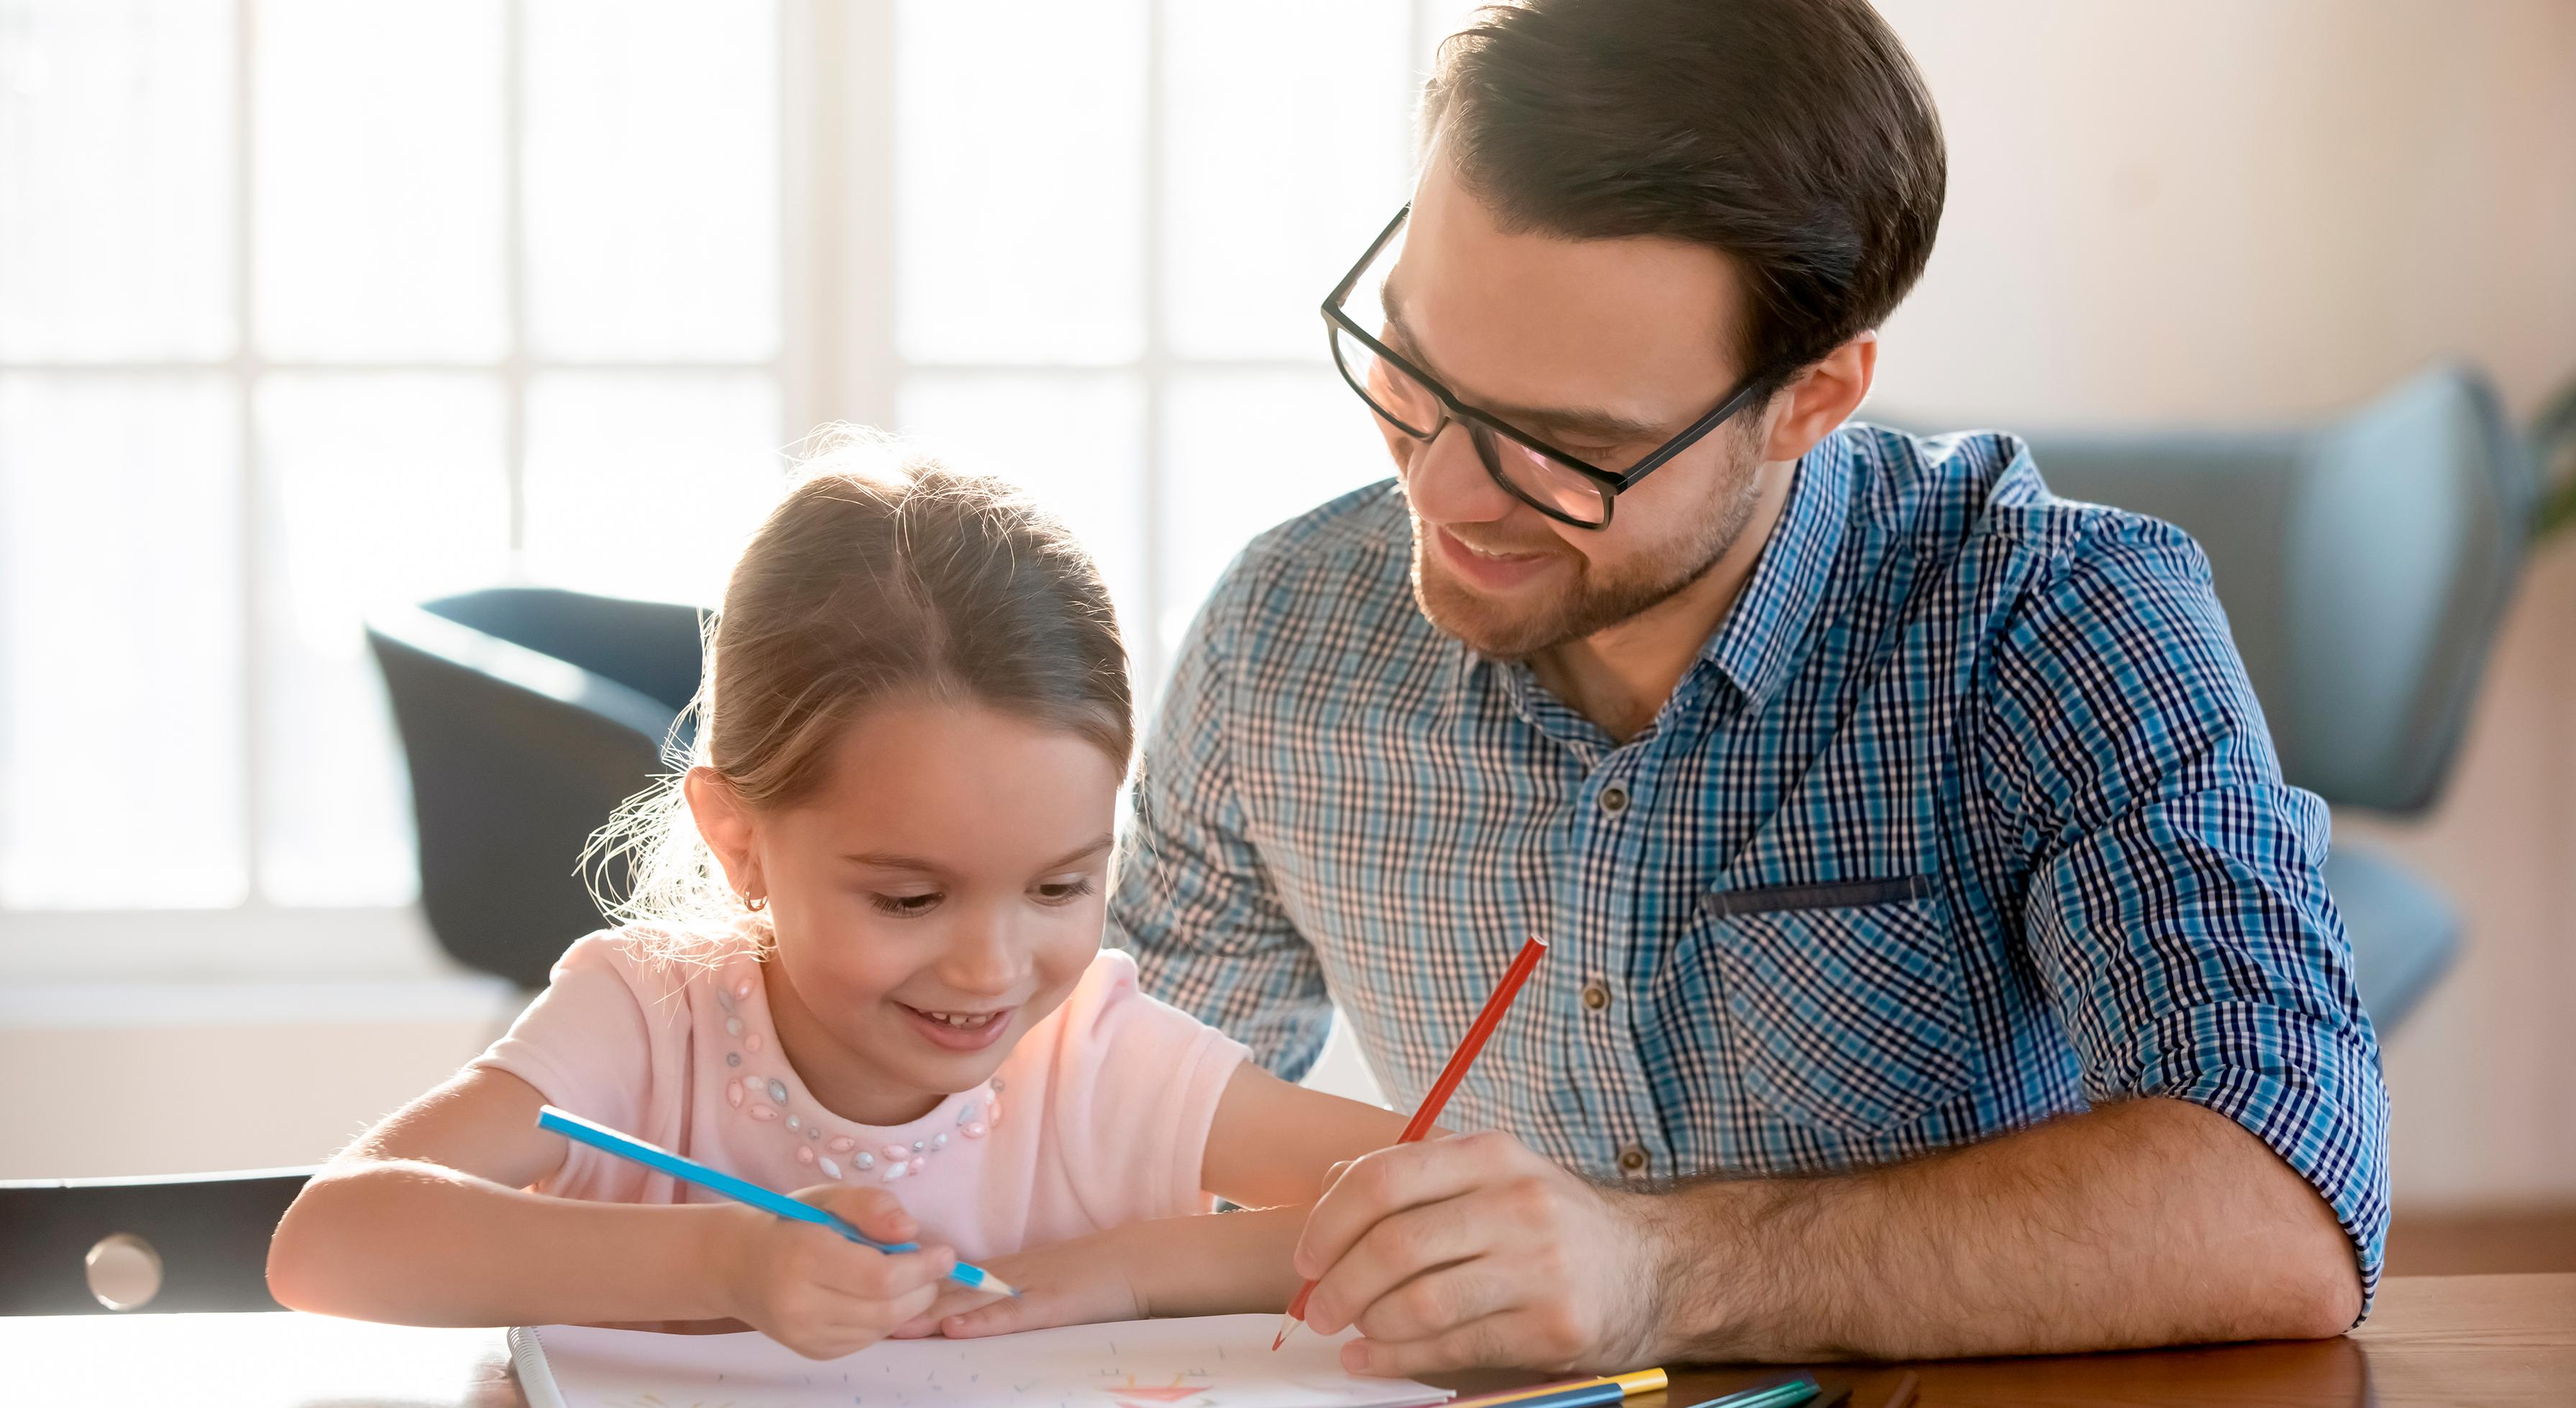 ¿Cómo puedo apoyar a mejorar el rendimiento escolar?